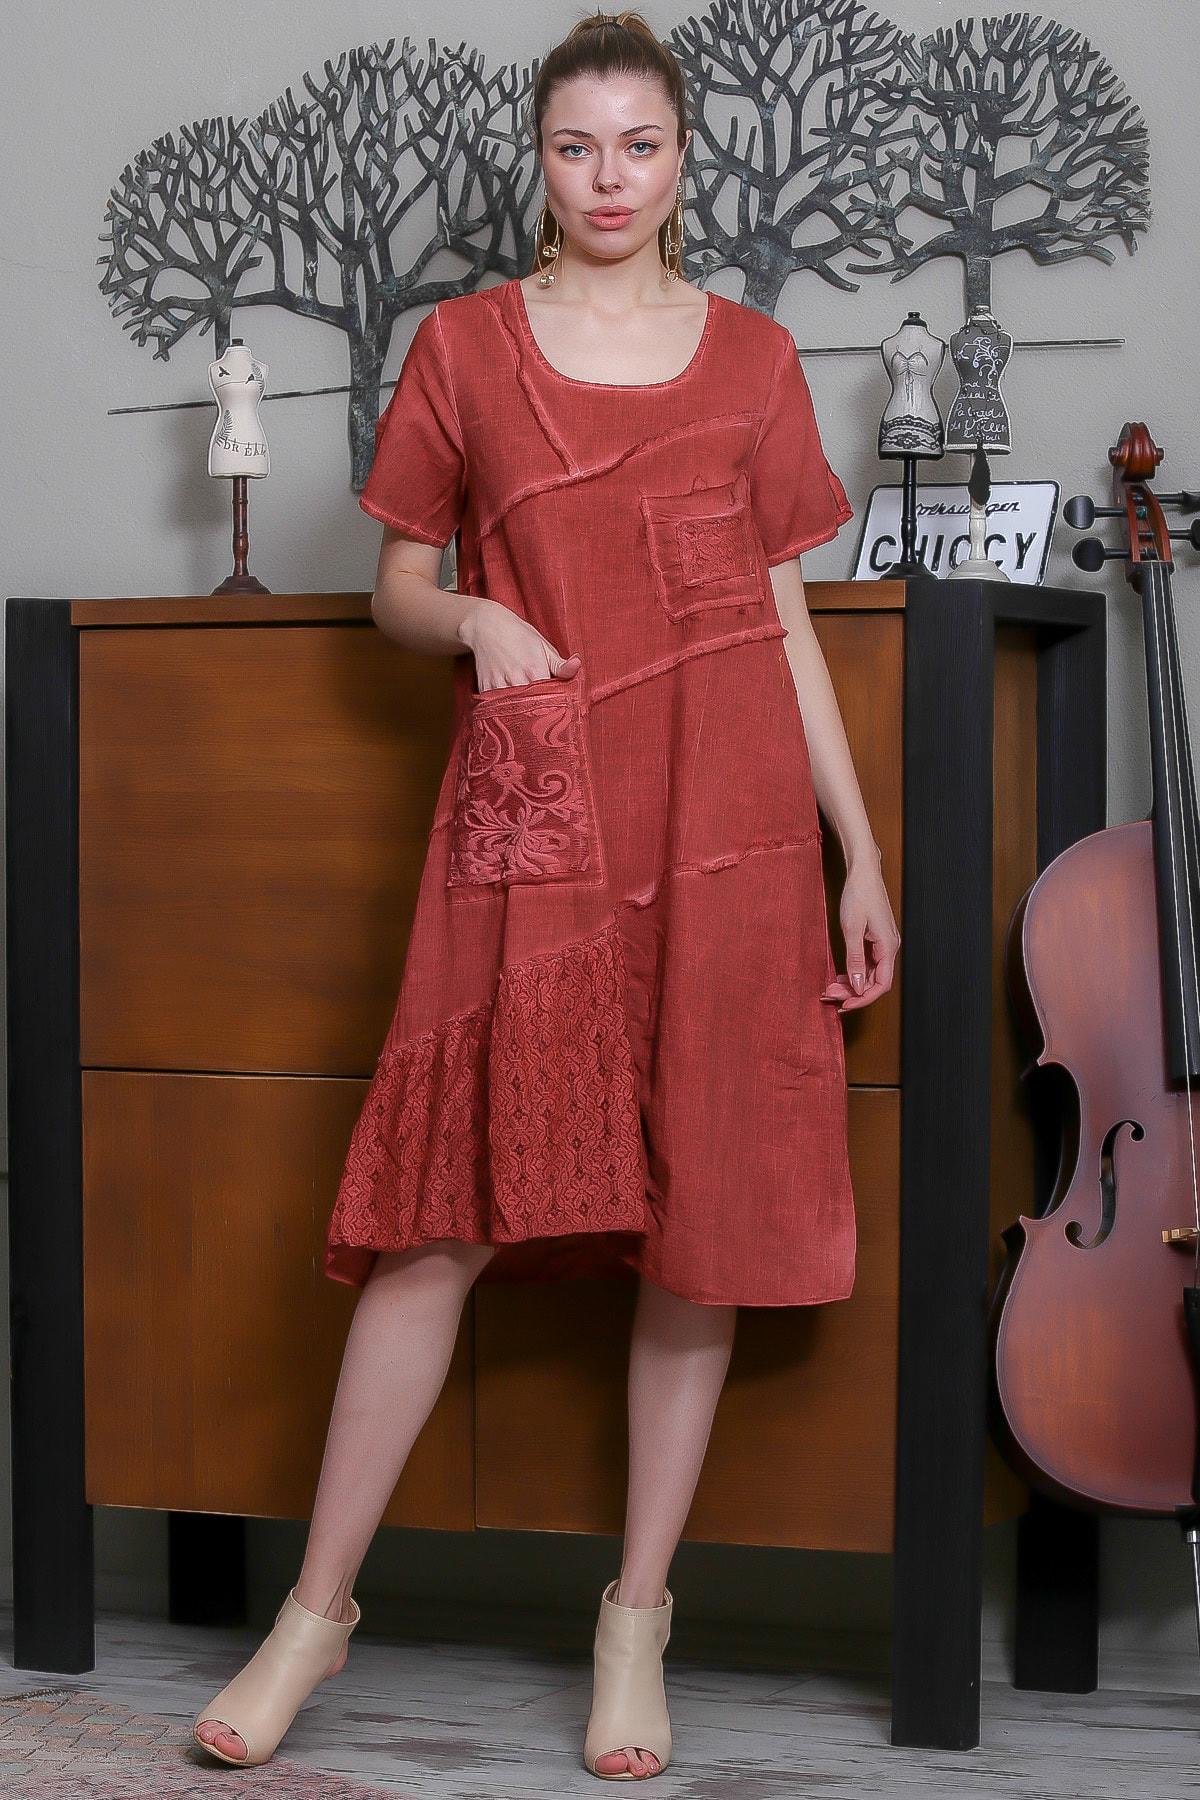 Chiccy Kadın Kiremit Sıfır Yaka Dantel Bloklu Cepli Astarlı Yıkamalı Elbise M10160000EL95294 1